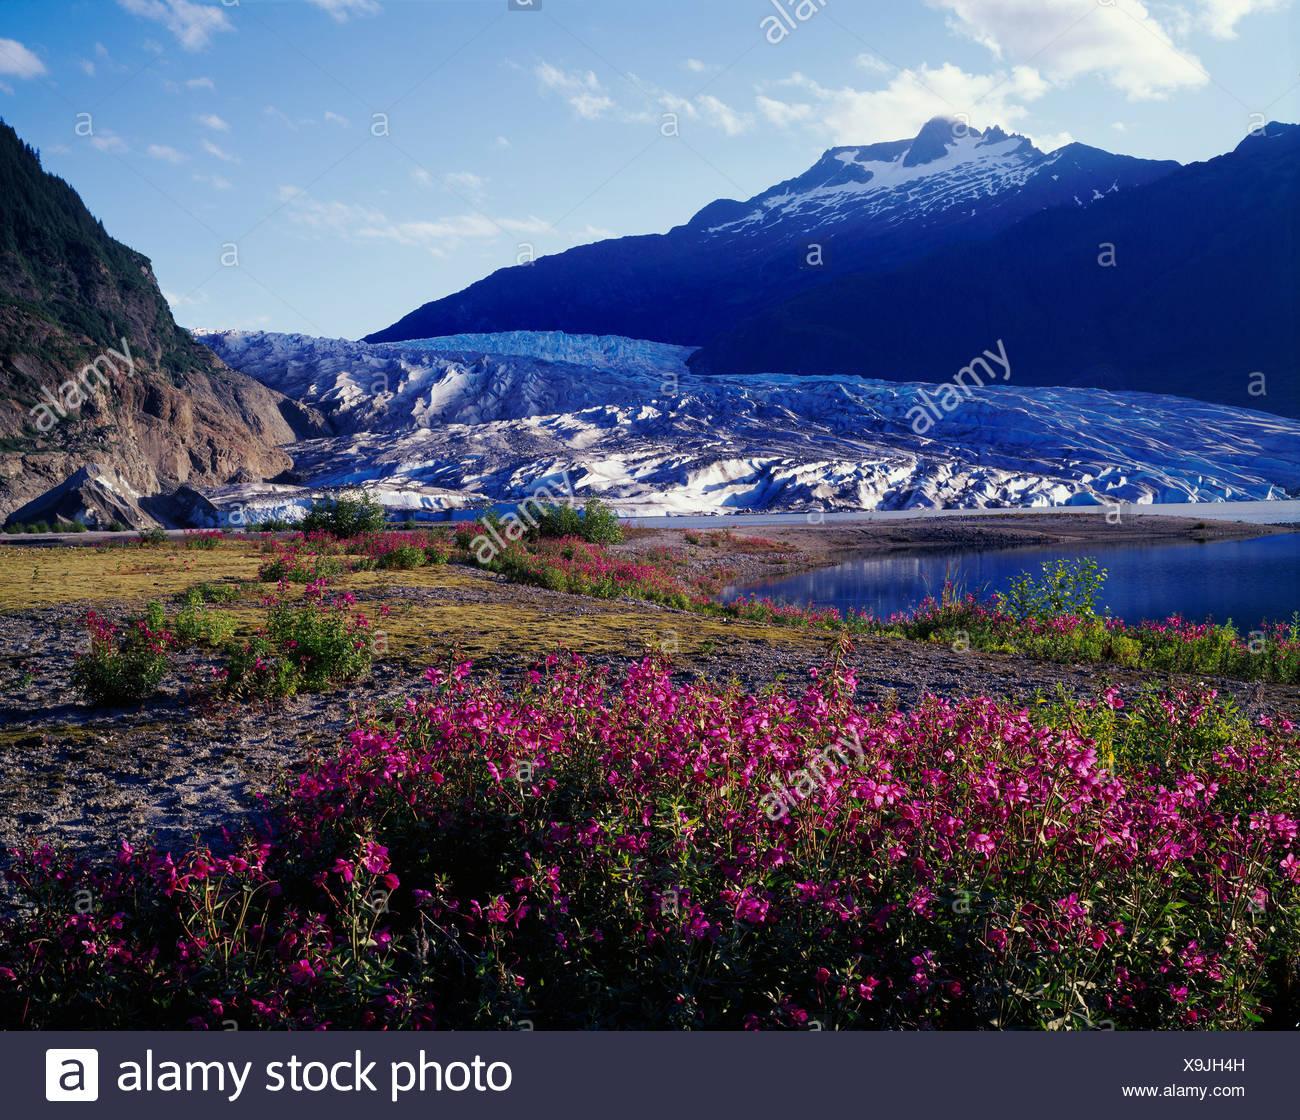 Dwarf fireweed Epilobium latifolium Mendenhall Lake Mendenhall Glacier Tongass National Forest Alaska. - Stock Image